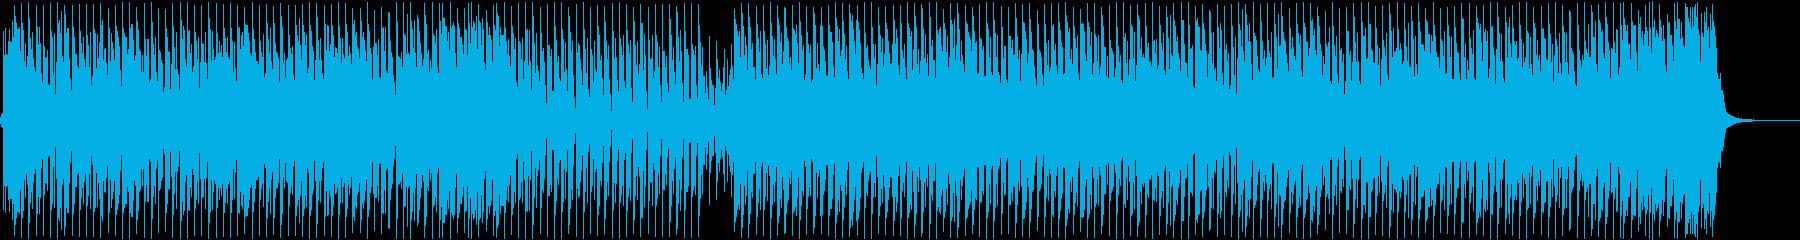 楽しい・ファンキー・ゲーム・宇宙の再生済みの波形